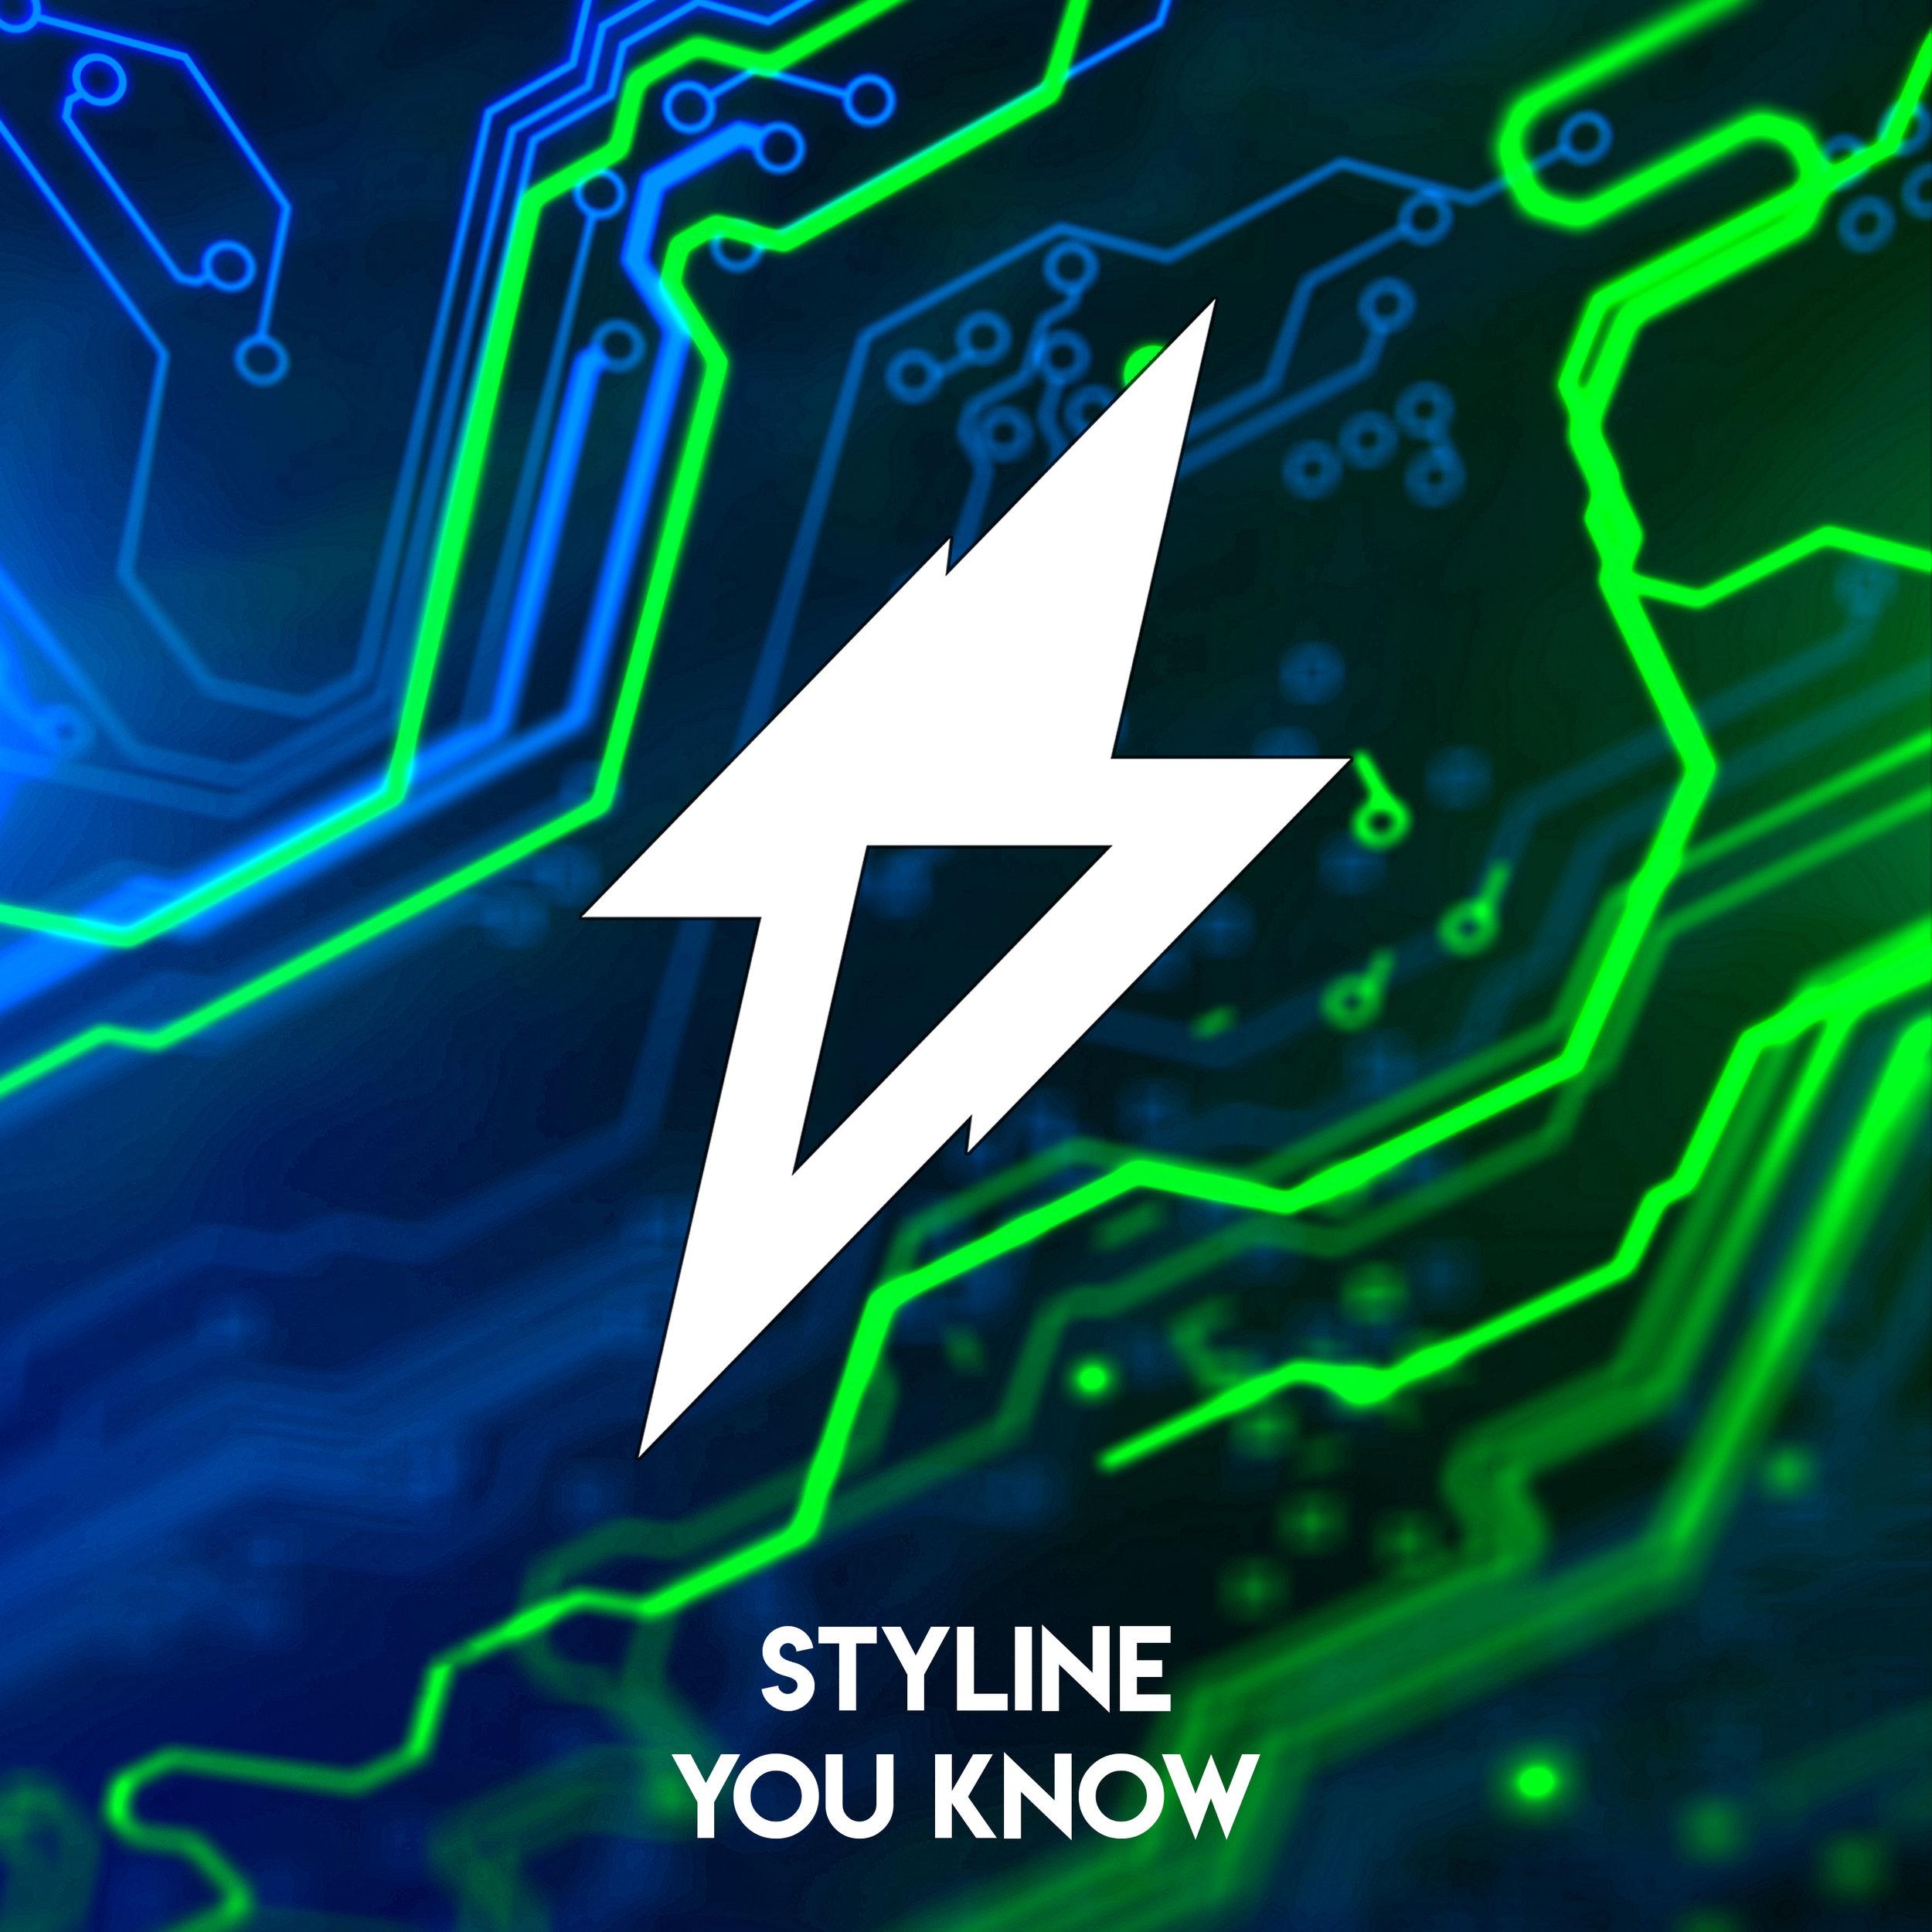 Styline - You Know